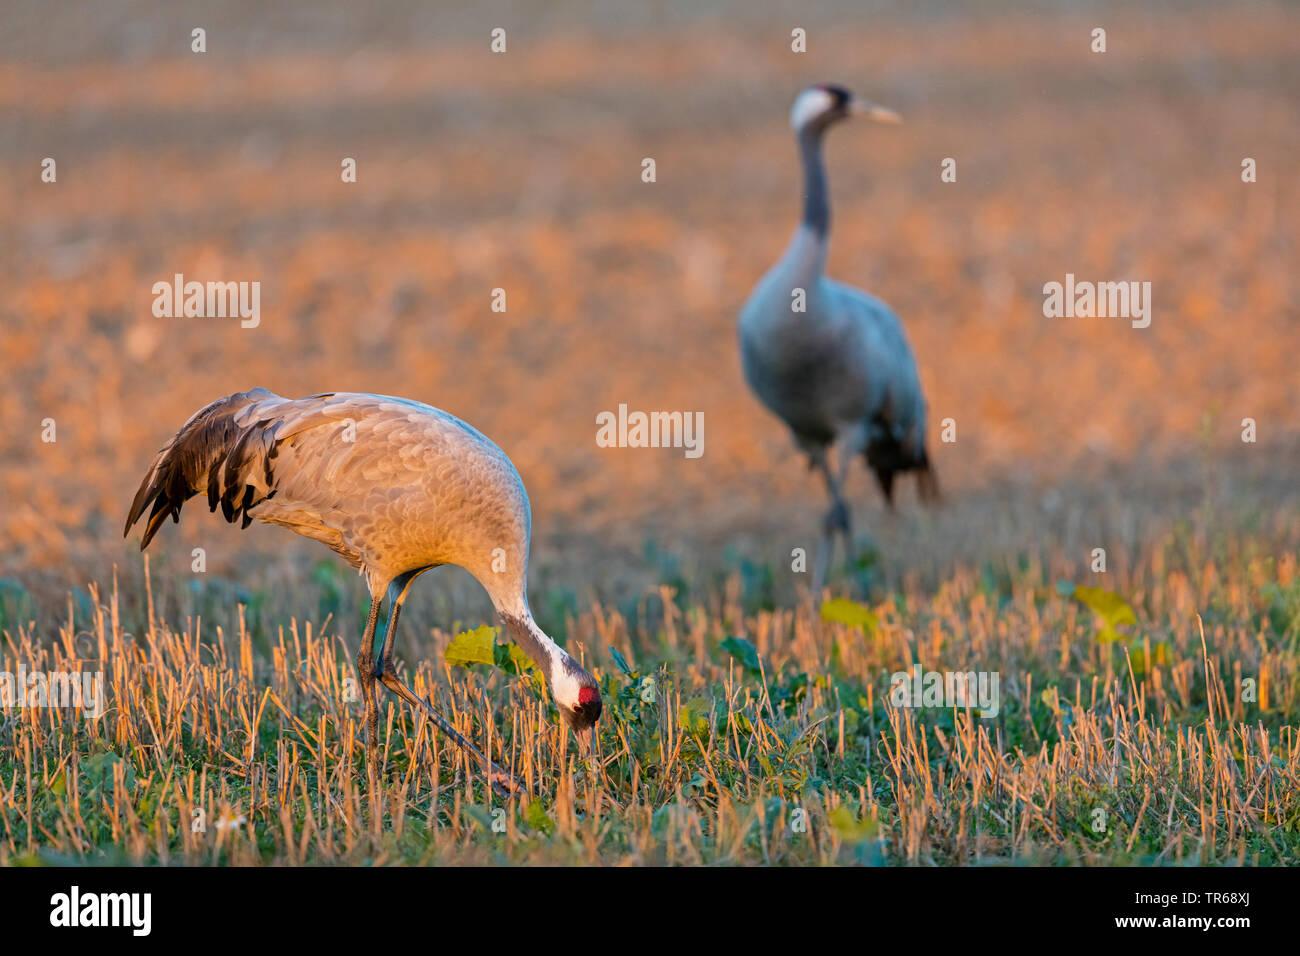 Kranich, Eurasische Kranich (Grus Grus), zwei Krane auf einen Drei-tage-Feld, Deutschland, Mecklenburg-Vorpommern Stockbild